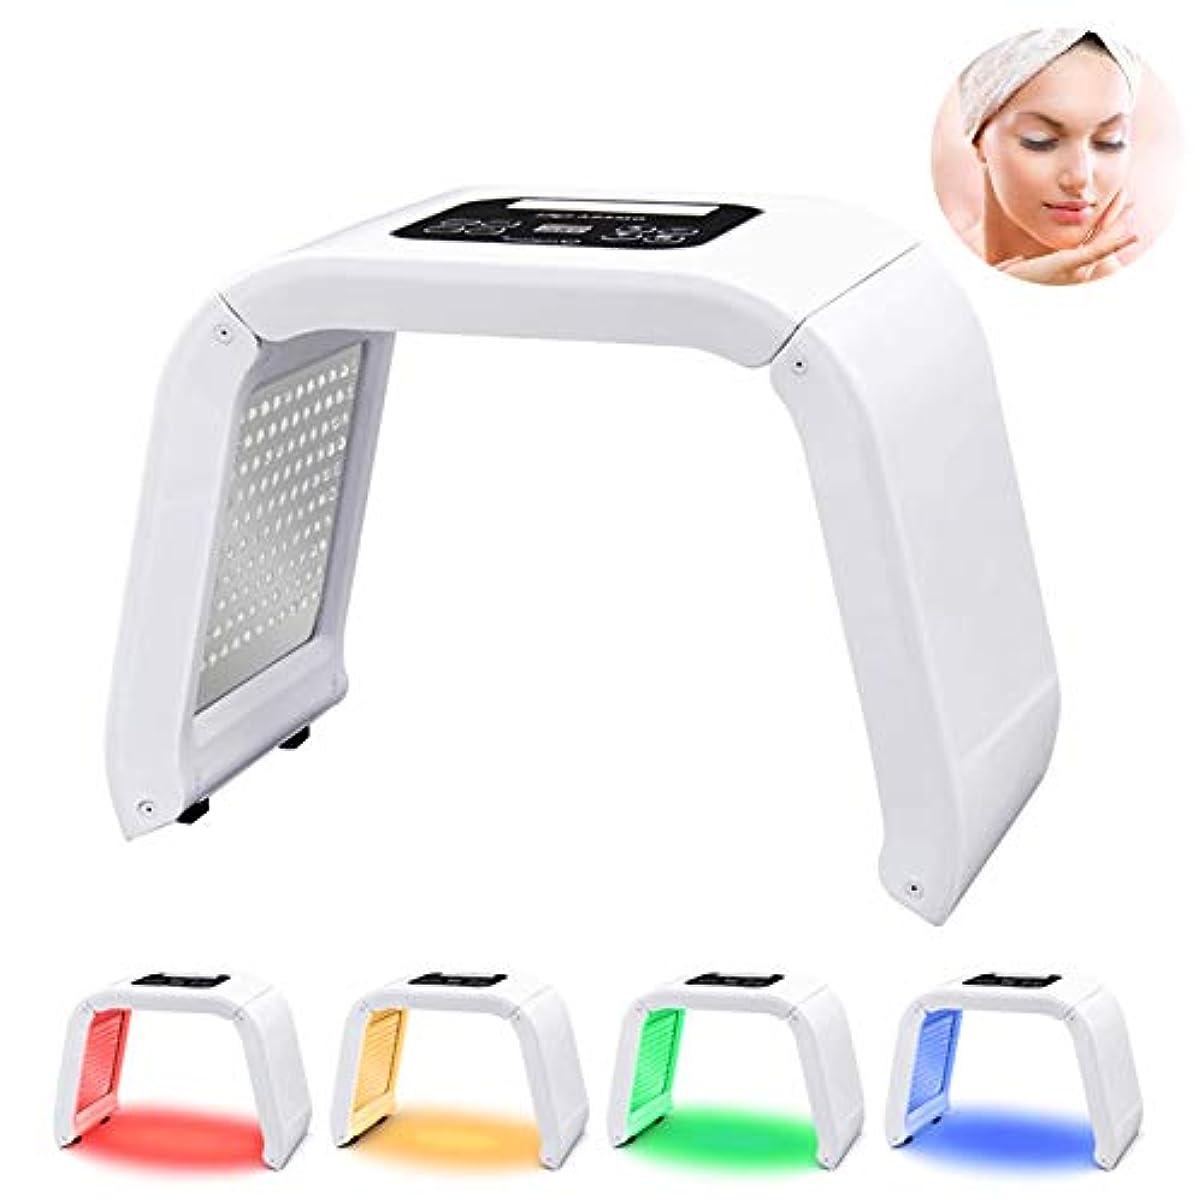 ランプ略すセラフPDT 4-In-1 LEDライト光線療法電気スキンケア美容装置家庭用多機能体の美容スキンケア分光器のマシン女性のための完璧なギフト